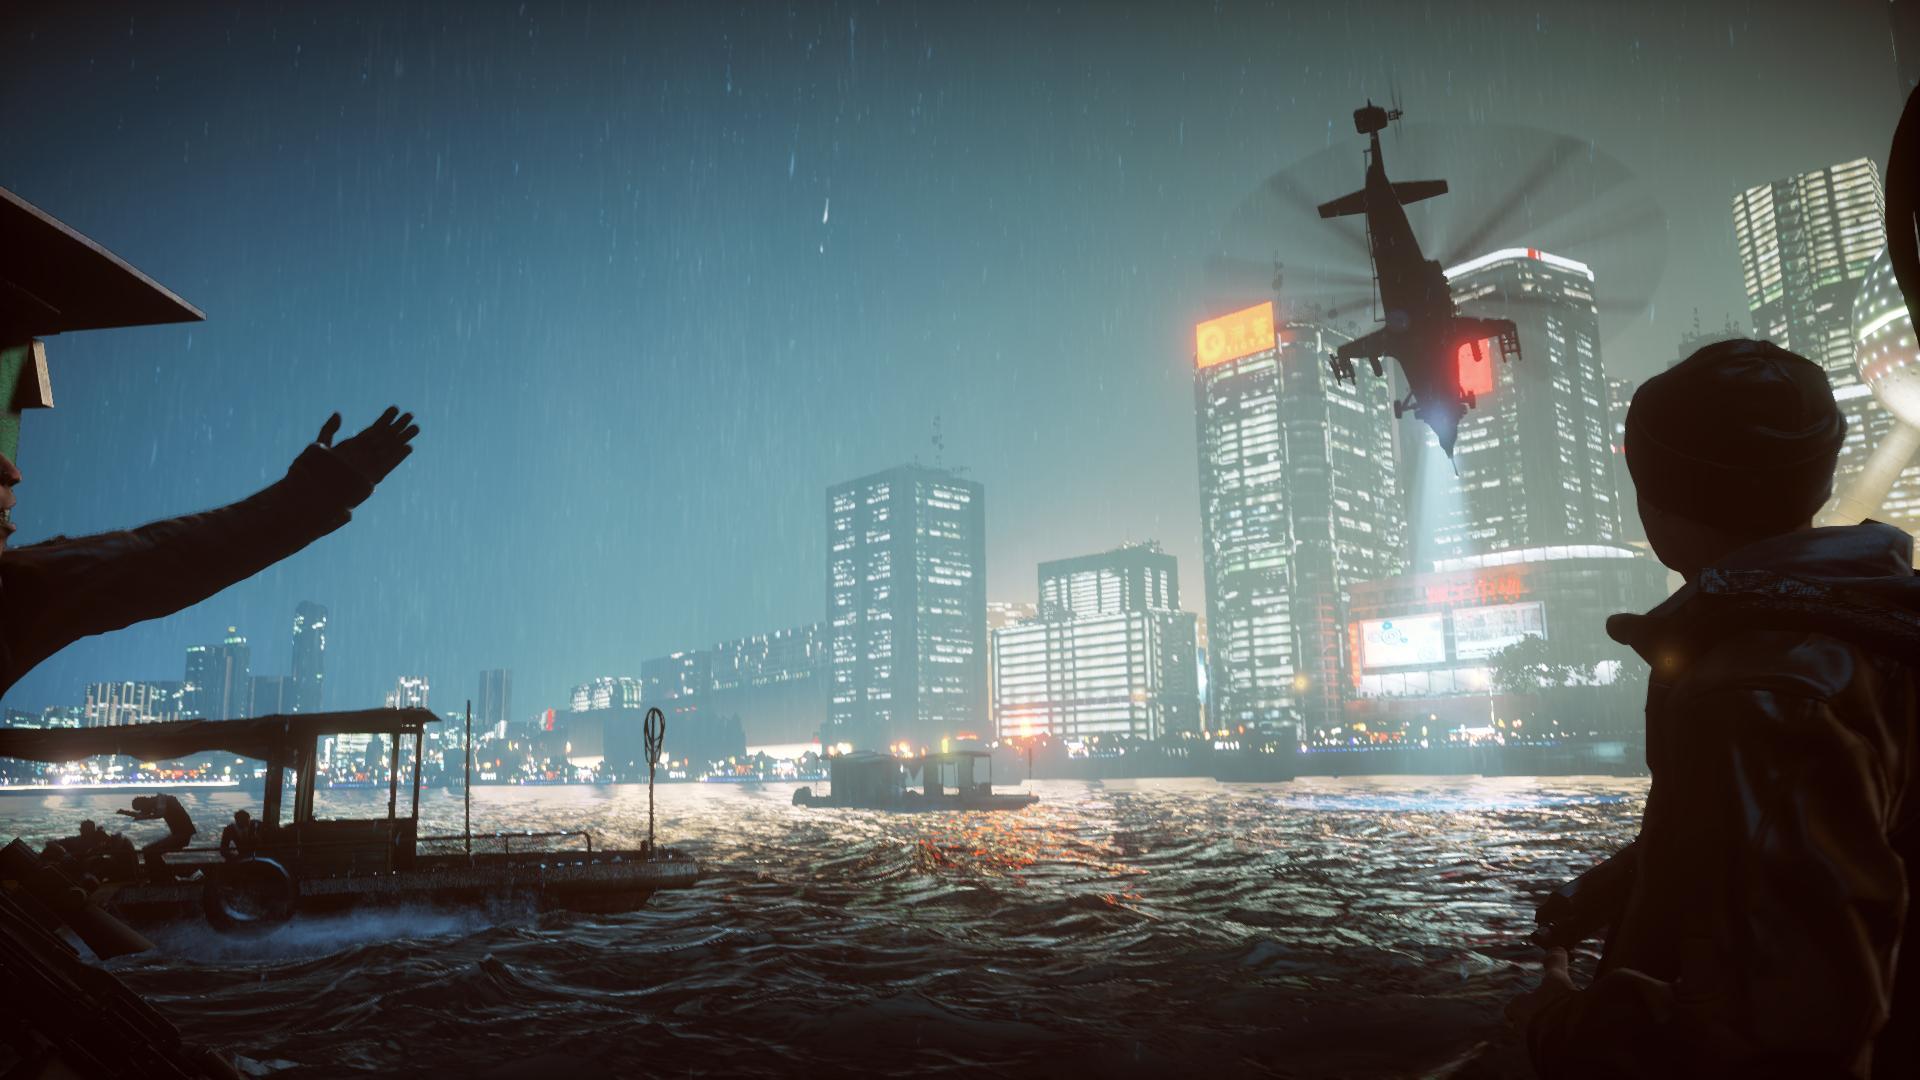 Wallpapers, fond d'ecran pour Battlefield 4 PC, PS3, Xbox ...